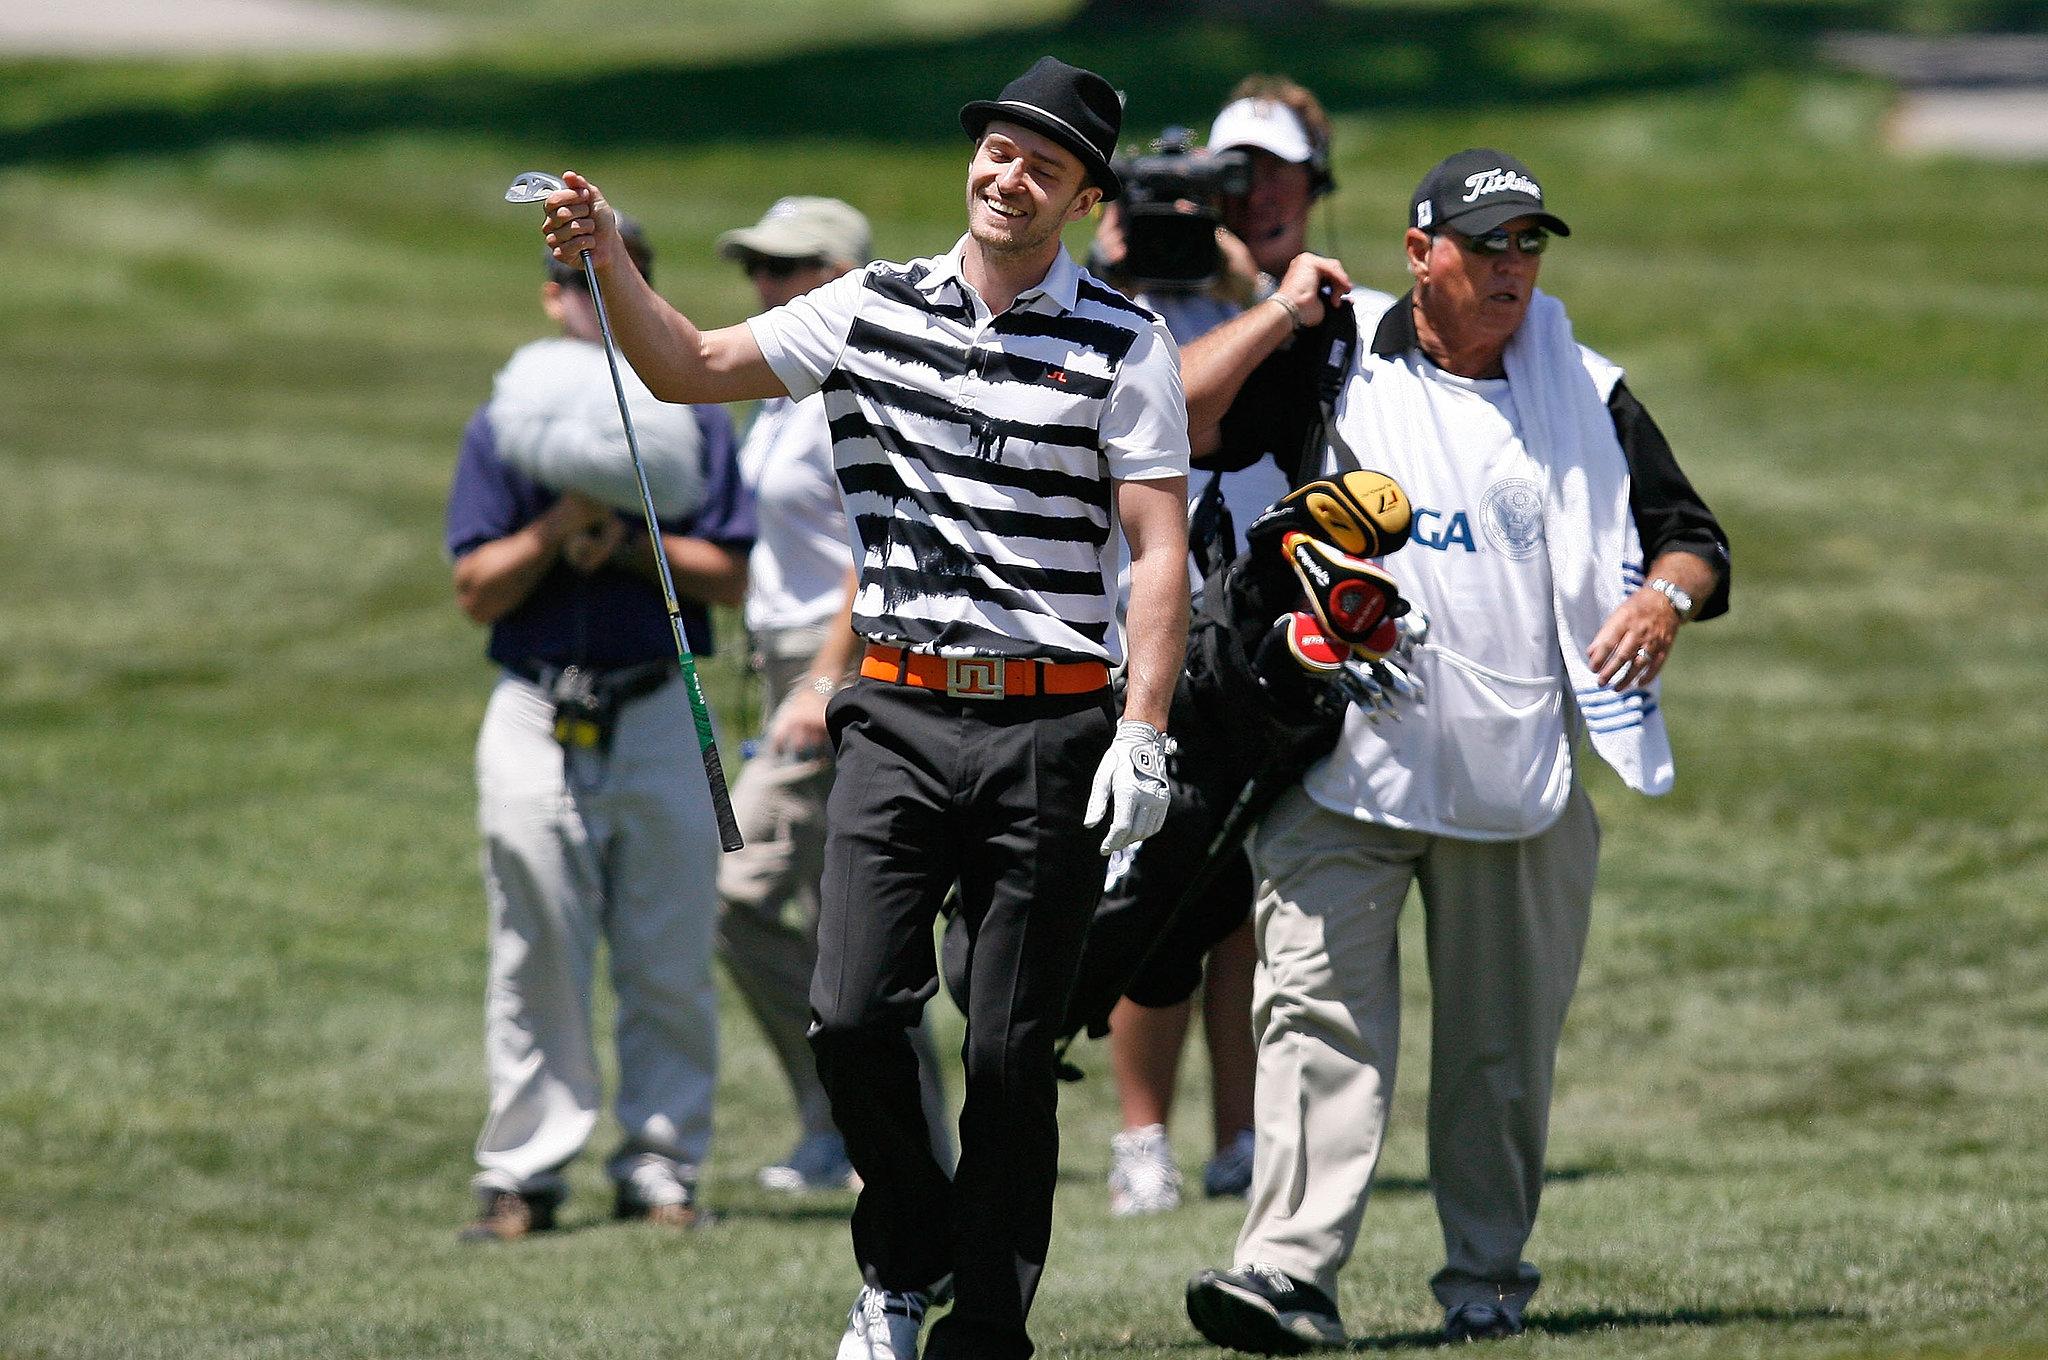 Justin-Timberlake-got-excited-during-round-San-Diego-Torrey